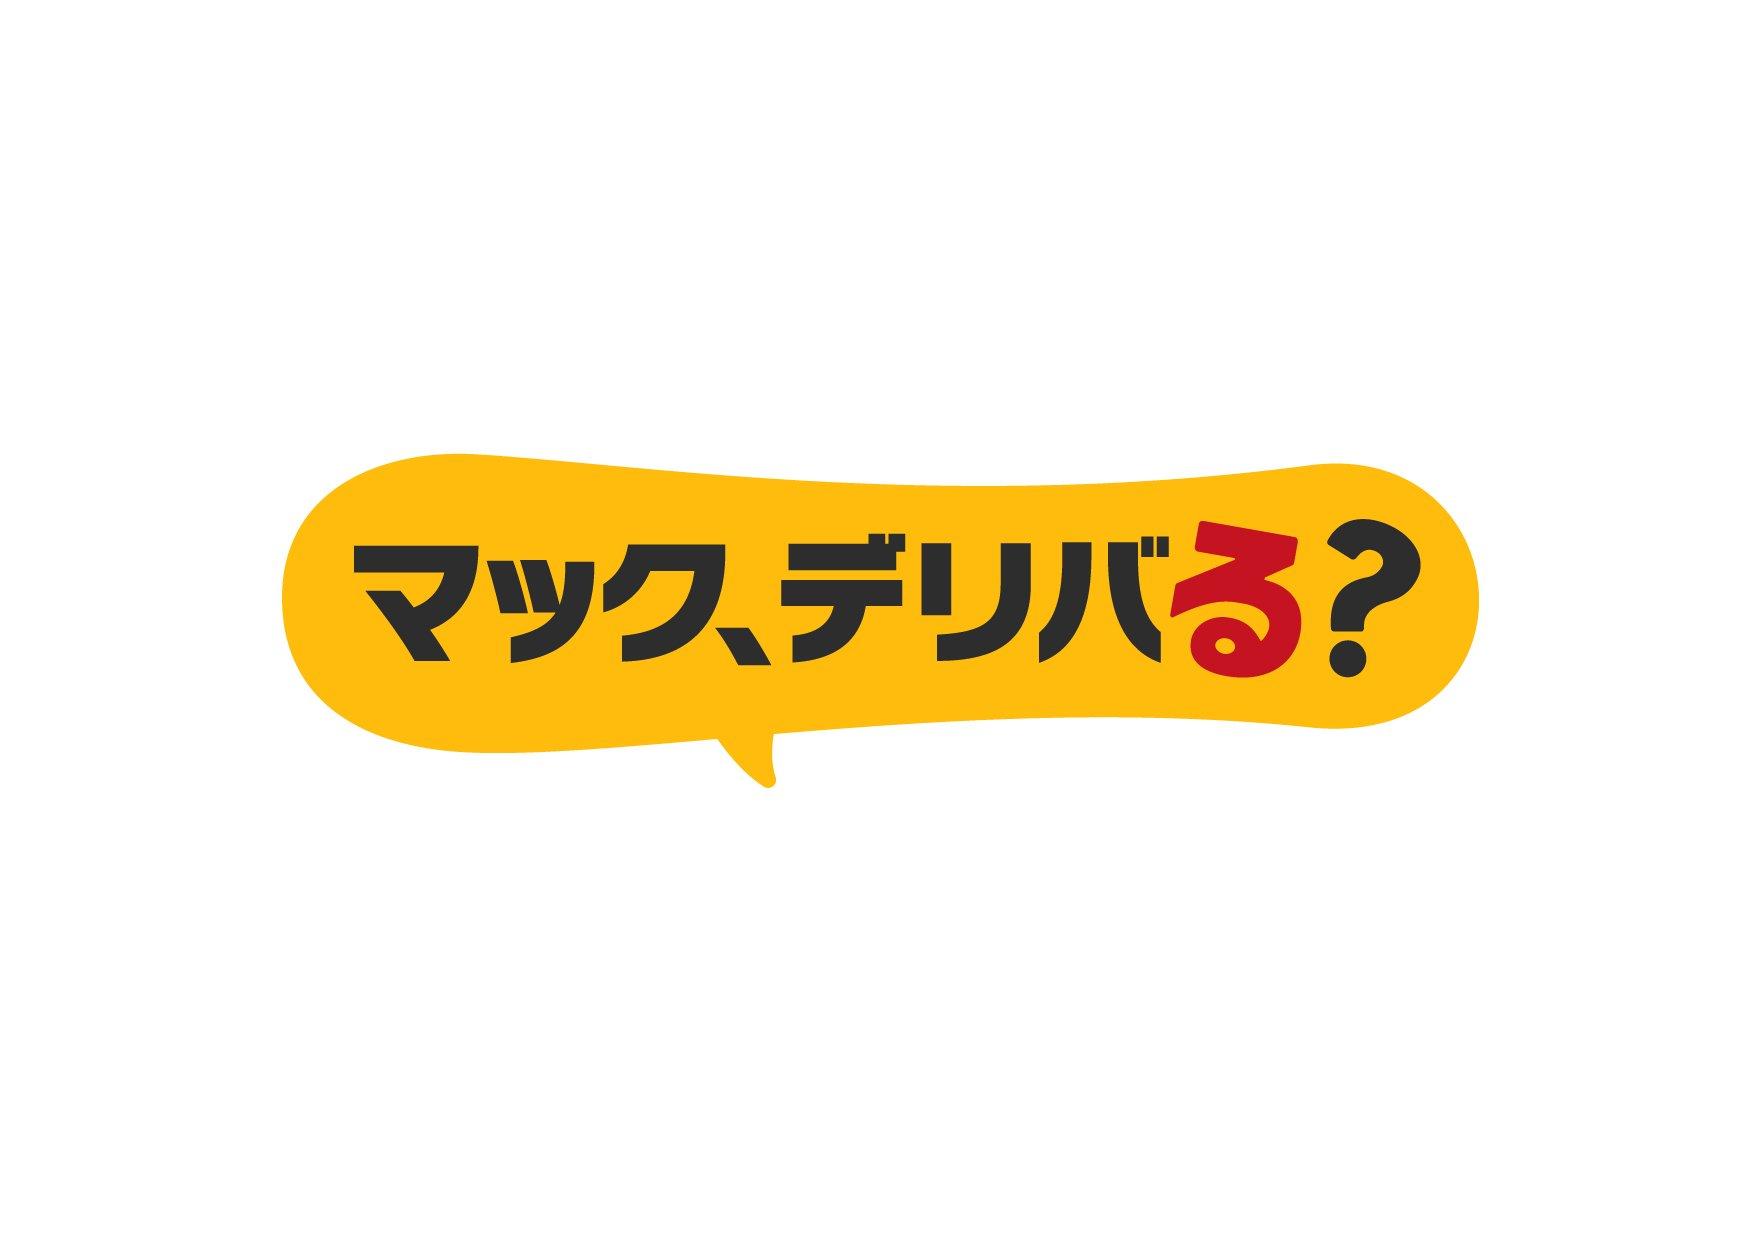 最大580円お得【マクドナルド】「デリ得セット」リニューアルし利便性アップ